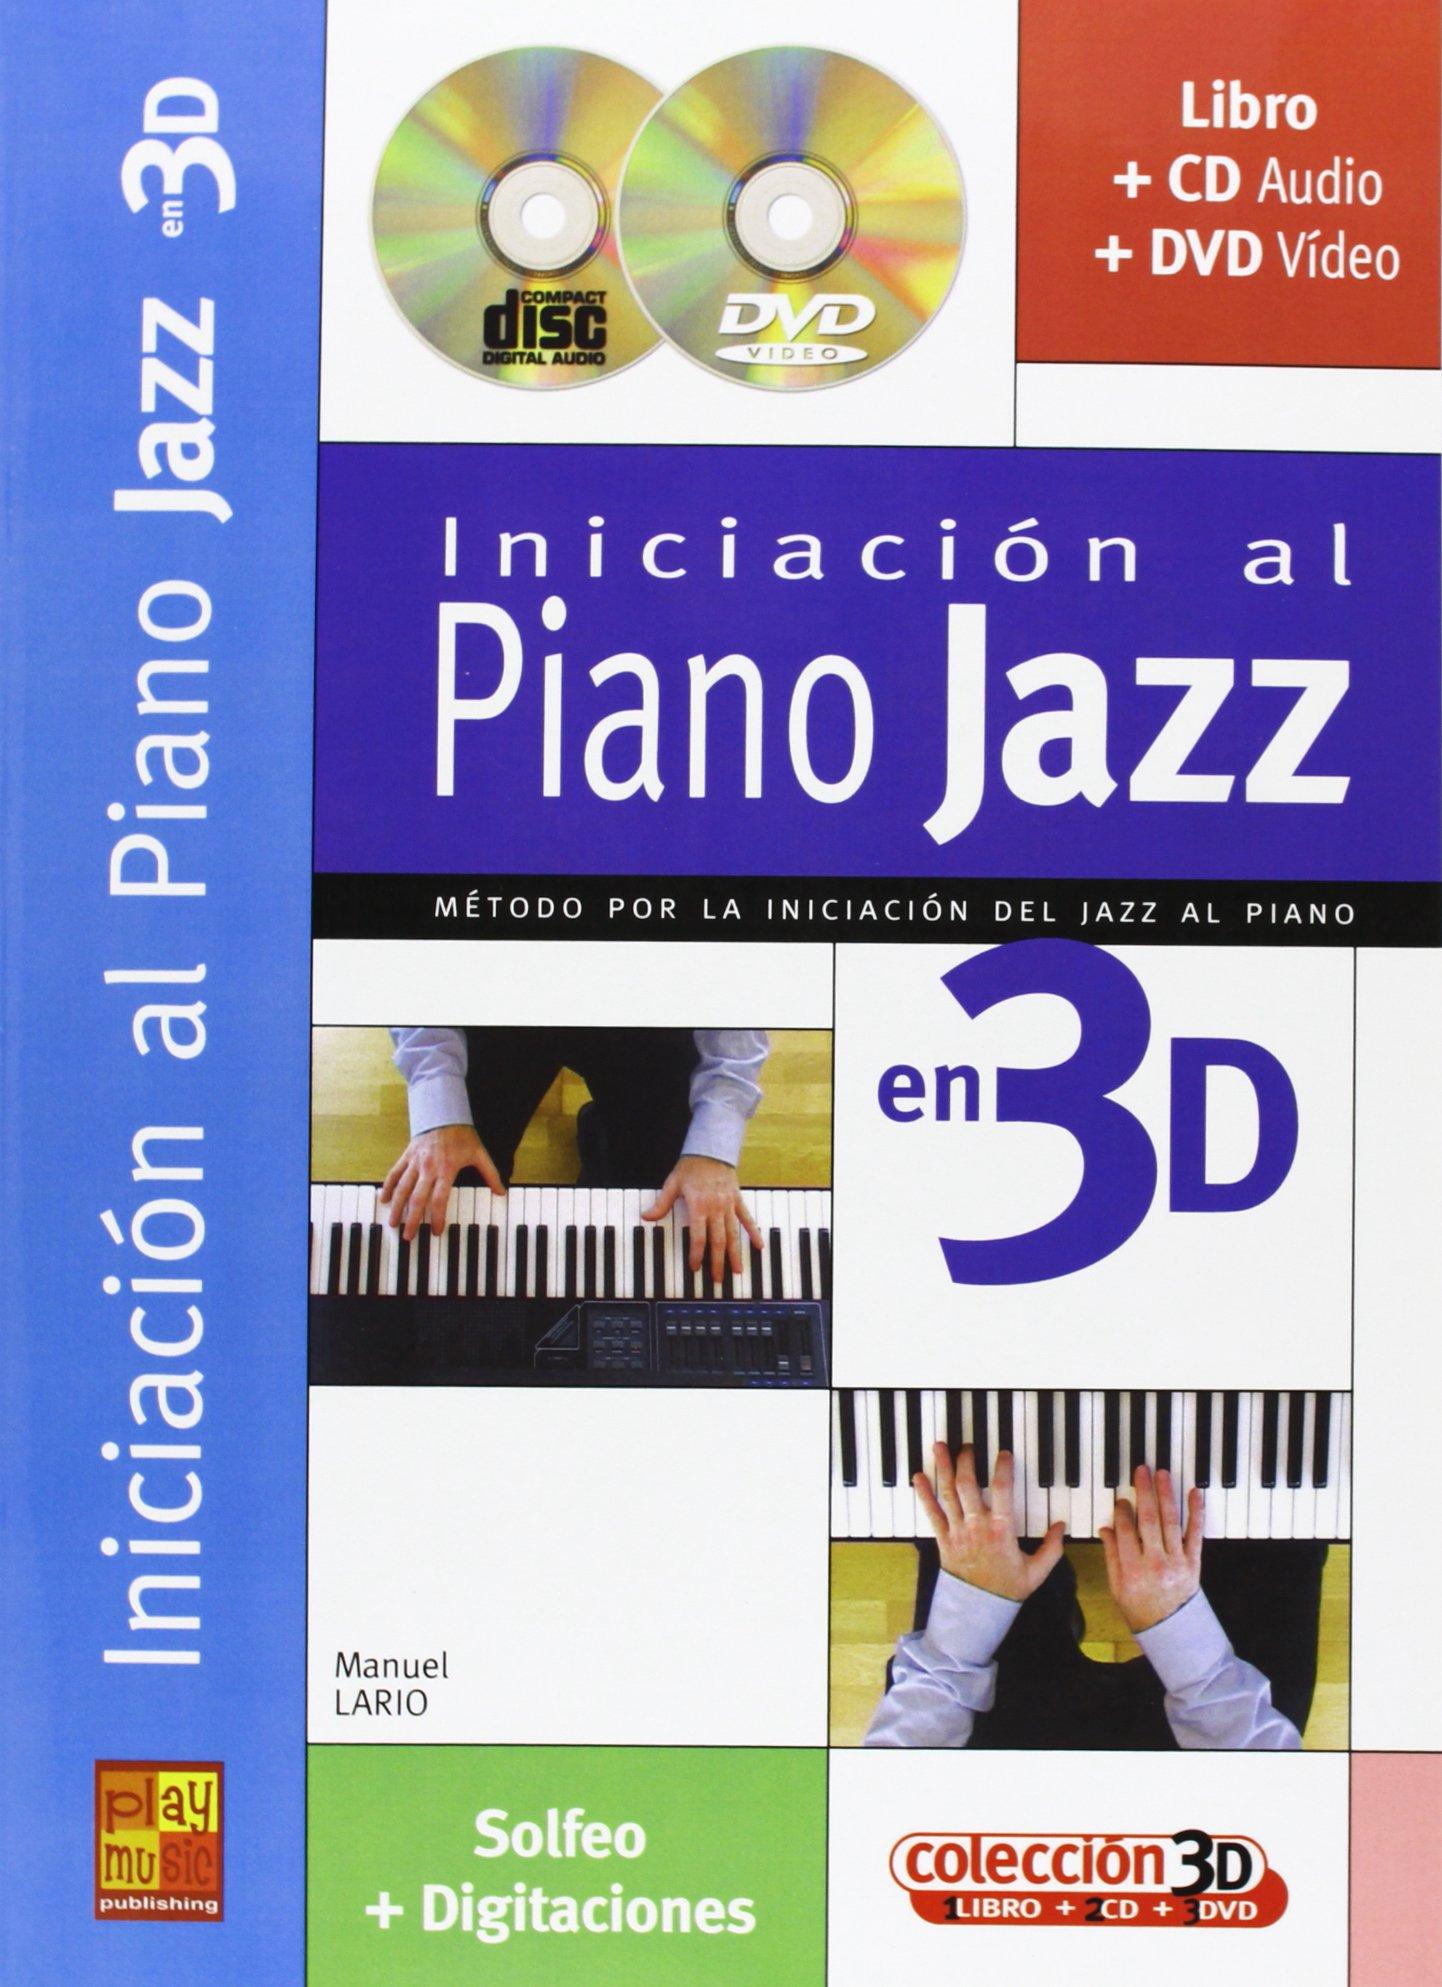 Iniciación al Piano Jazz en 3D (Play Music España): Amazon.es: Lario, Manuel, Piano: Libros